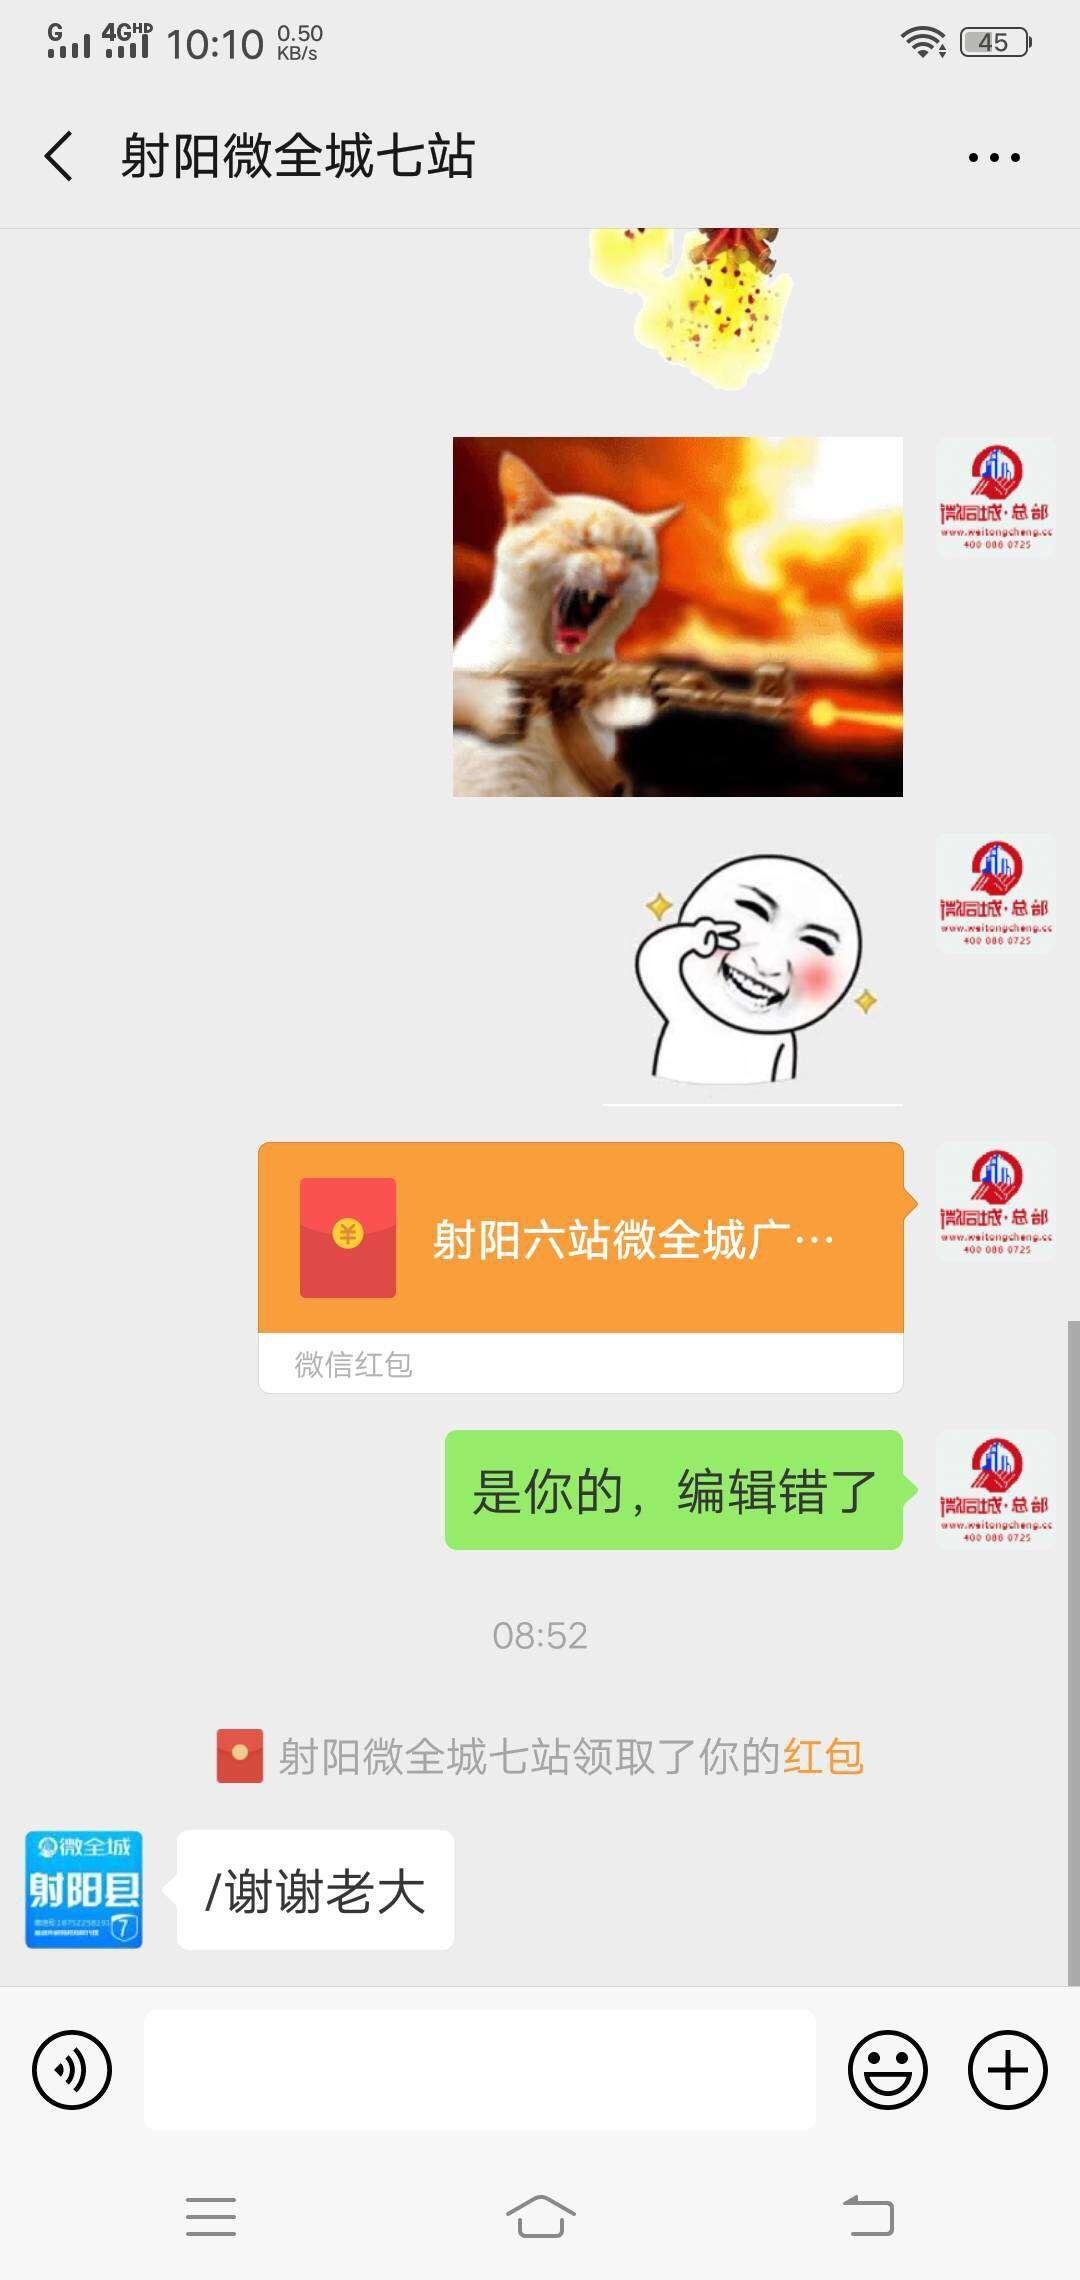 射阳微全城微帮七站广告佣金